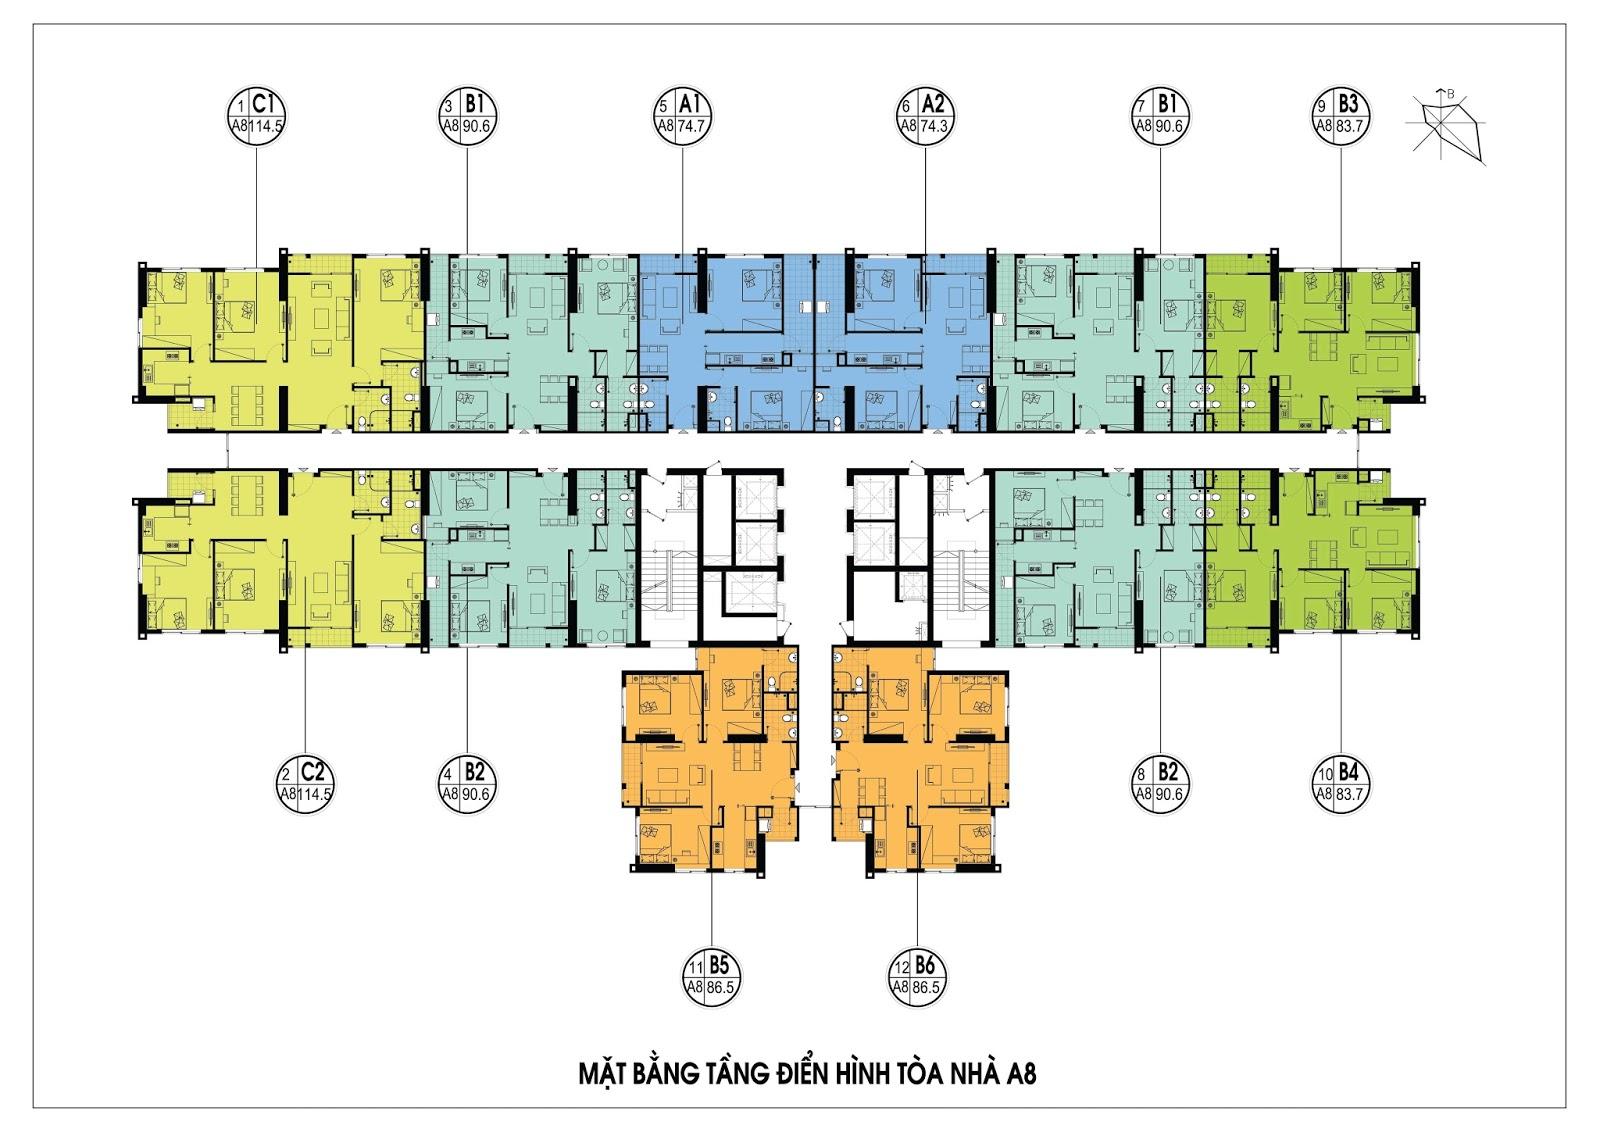 Thiết kế mặt bằng điển hình tòa A8 - An Bình City